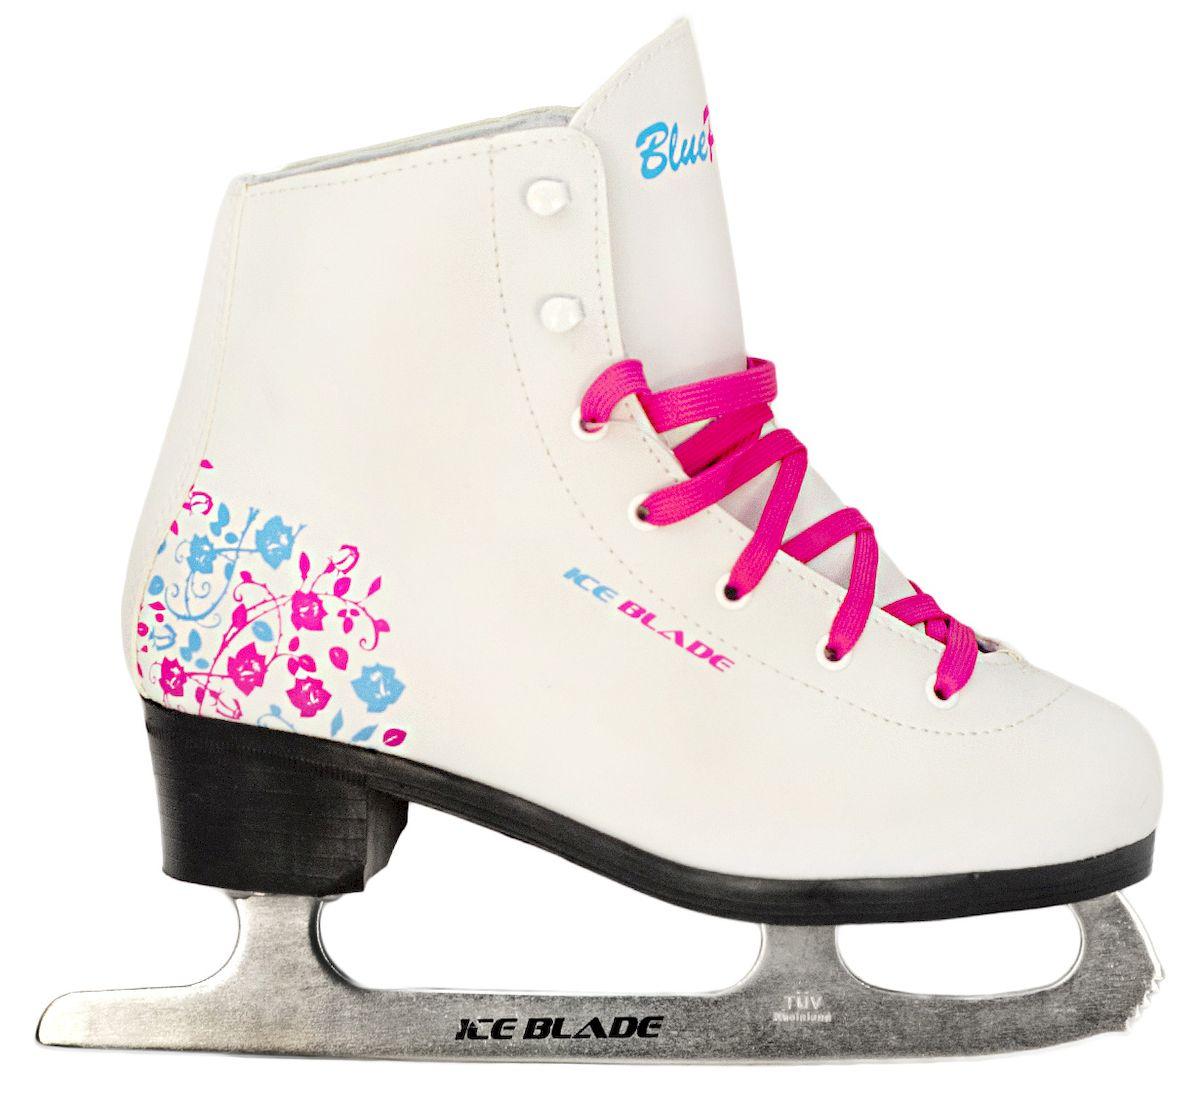 Коньки фигурные Ice Blade BluePink, цвет: белый, розовый, голубой. УТ-00006869. Размер 34PW-221Коньки фигурные Ice Blade BluePink предназначены для любительского фигурного катания. Яркий и нестандартный дизайн модели BluePink совмещает голубой и розовый цвет. Более того, в комплекте помимо розовых шнурков идет пара голубых, пусть каждая любительница катания на коньках выберет для себя, какой цвет ей больше по душе.Ботинок анатомической конструкции выполнен из высококачественной искусственной кожи, покрытой полиуретаном, защищающим от влаги. Внутренняя набивка из специального материала, комфортно адаптирующегося к форме ноги. Внутренняя отделка из мягкого вельвета.Лезвия изготовлены из высокоуглеродистой стали, сертифицированной TUV Rheiland. Коньки поставляются с заводской заточкой лезвия, что позволяет сразу приступить к катанию, не тратя время и денег на заточку. Коньки подходят для использования на открытом и закрытом льду.